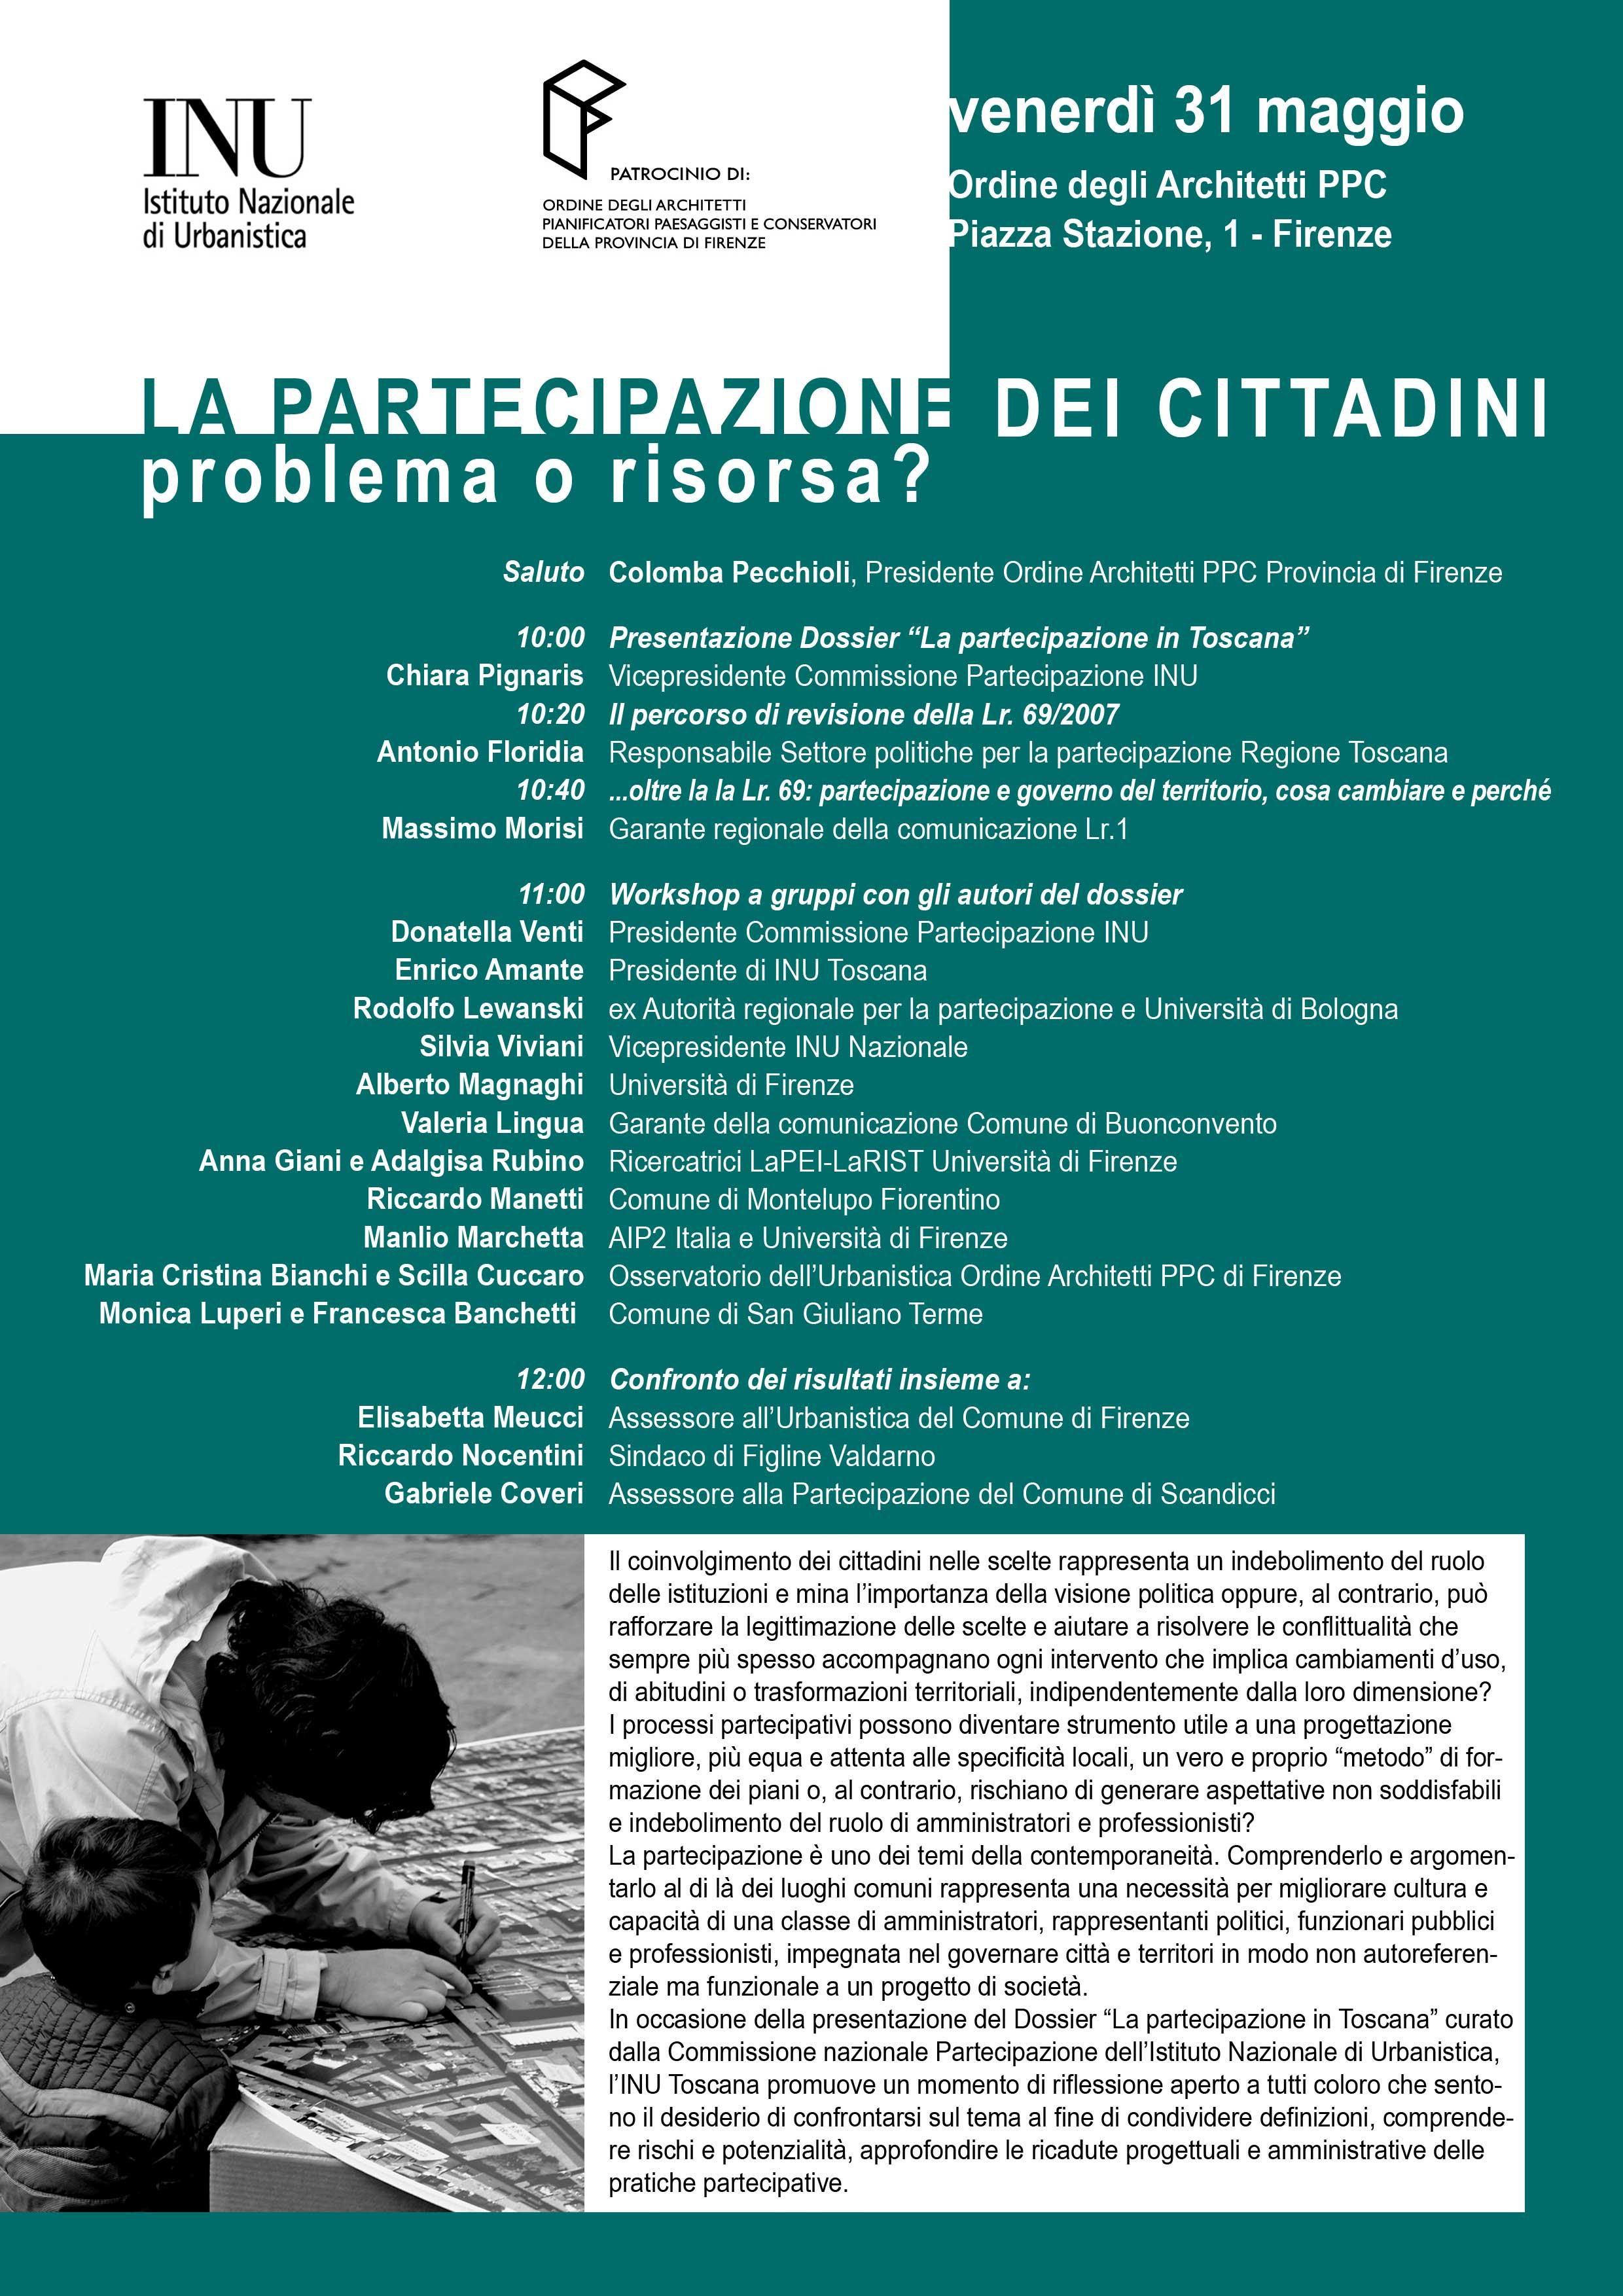 Invito seminario 31 maggio a Firenze, ore 10 - Piazza della Stazione 1